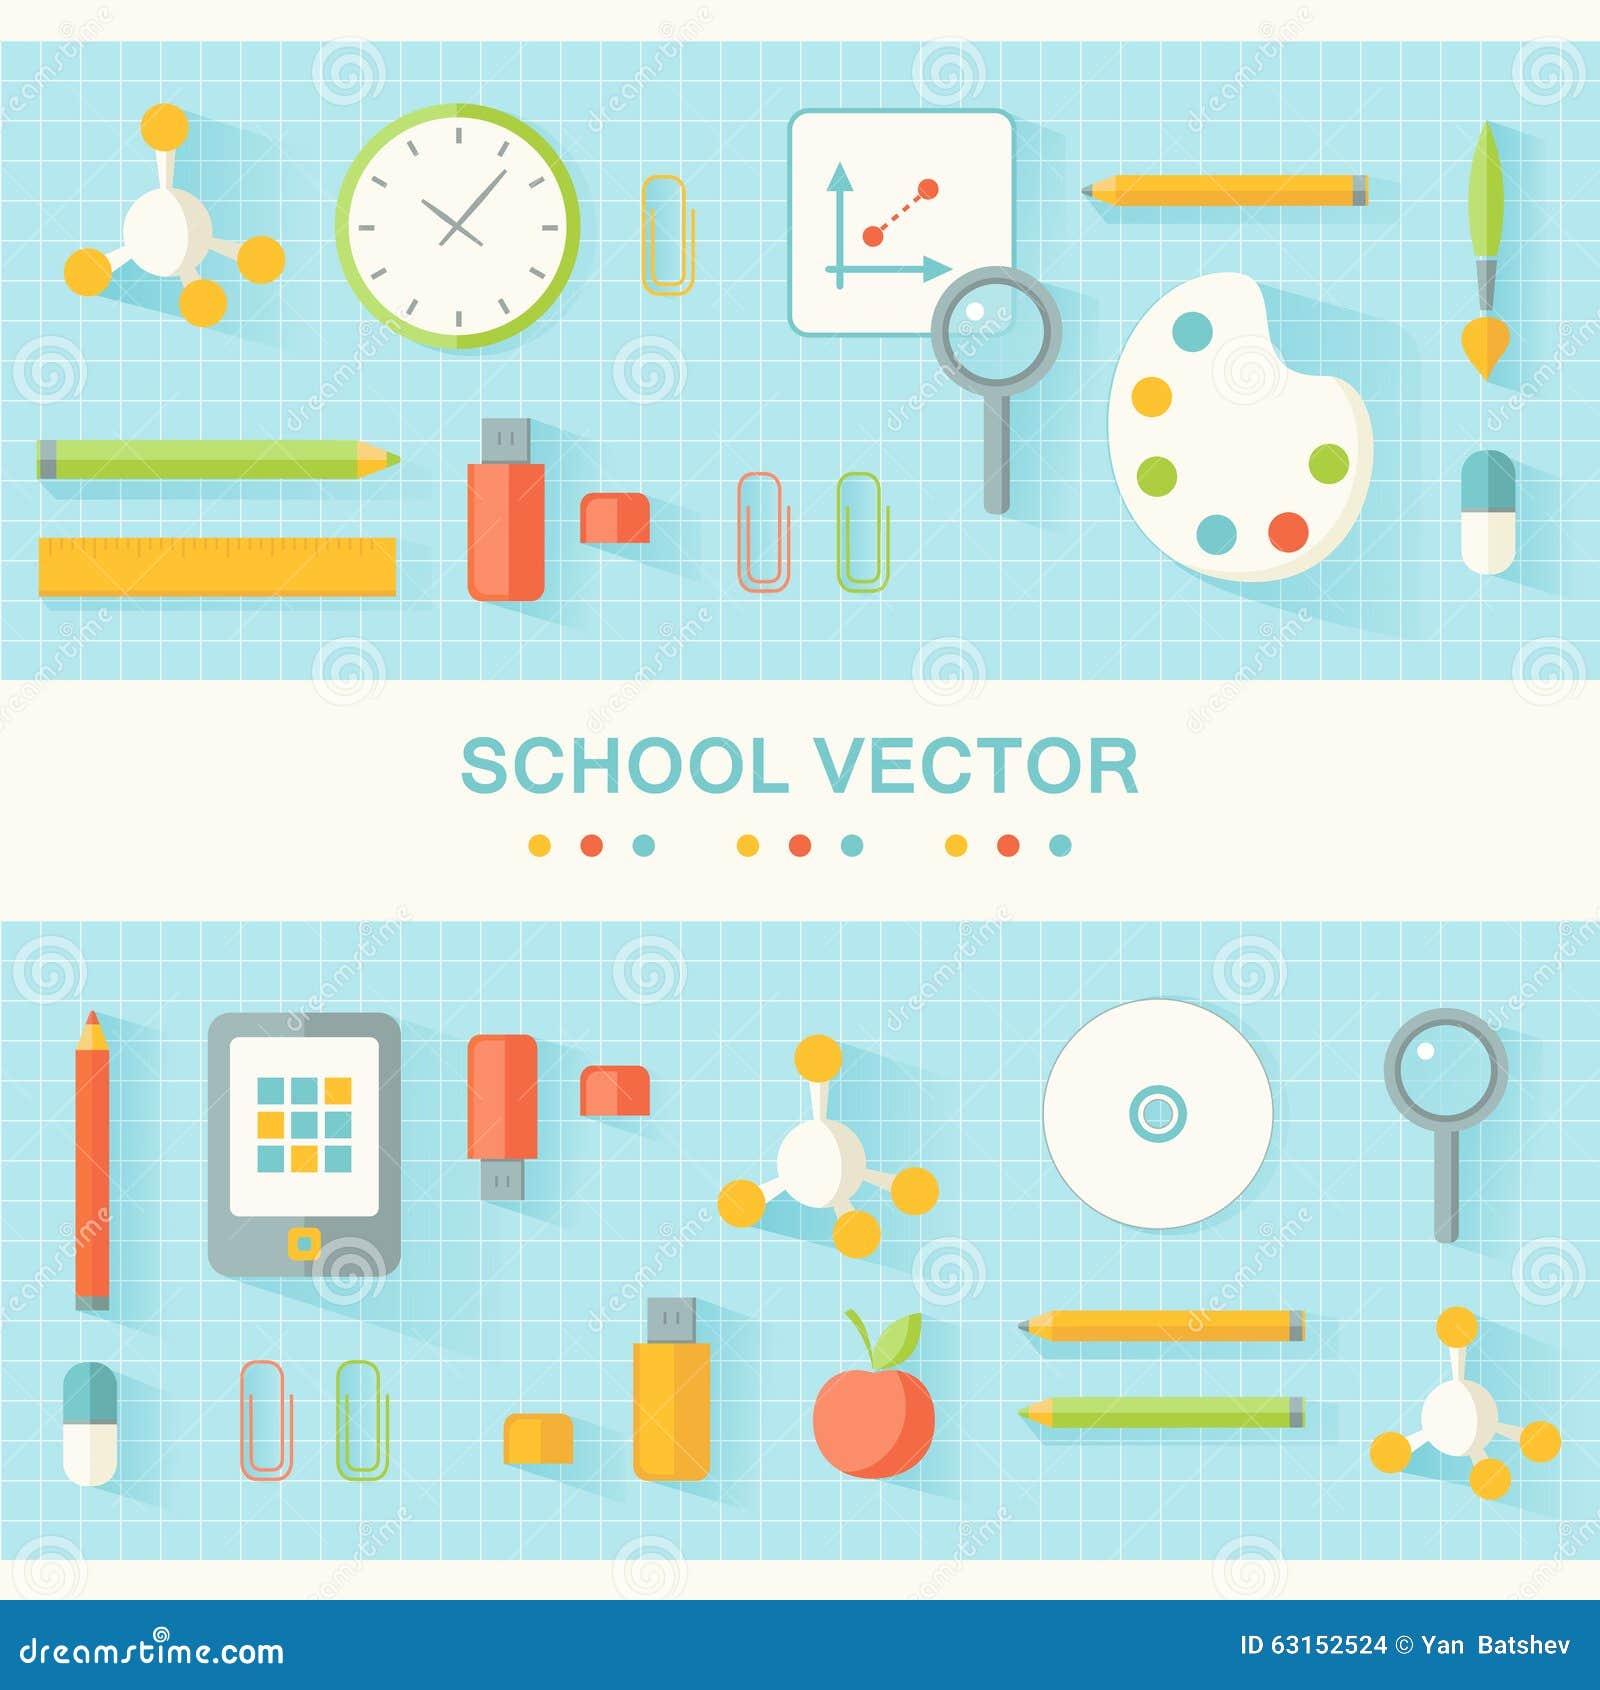 Schule und bildungs flaches design plakat vektor abbildung for Design schule